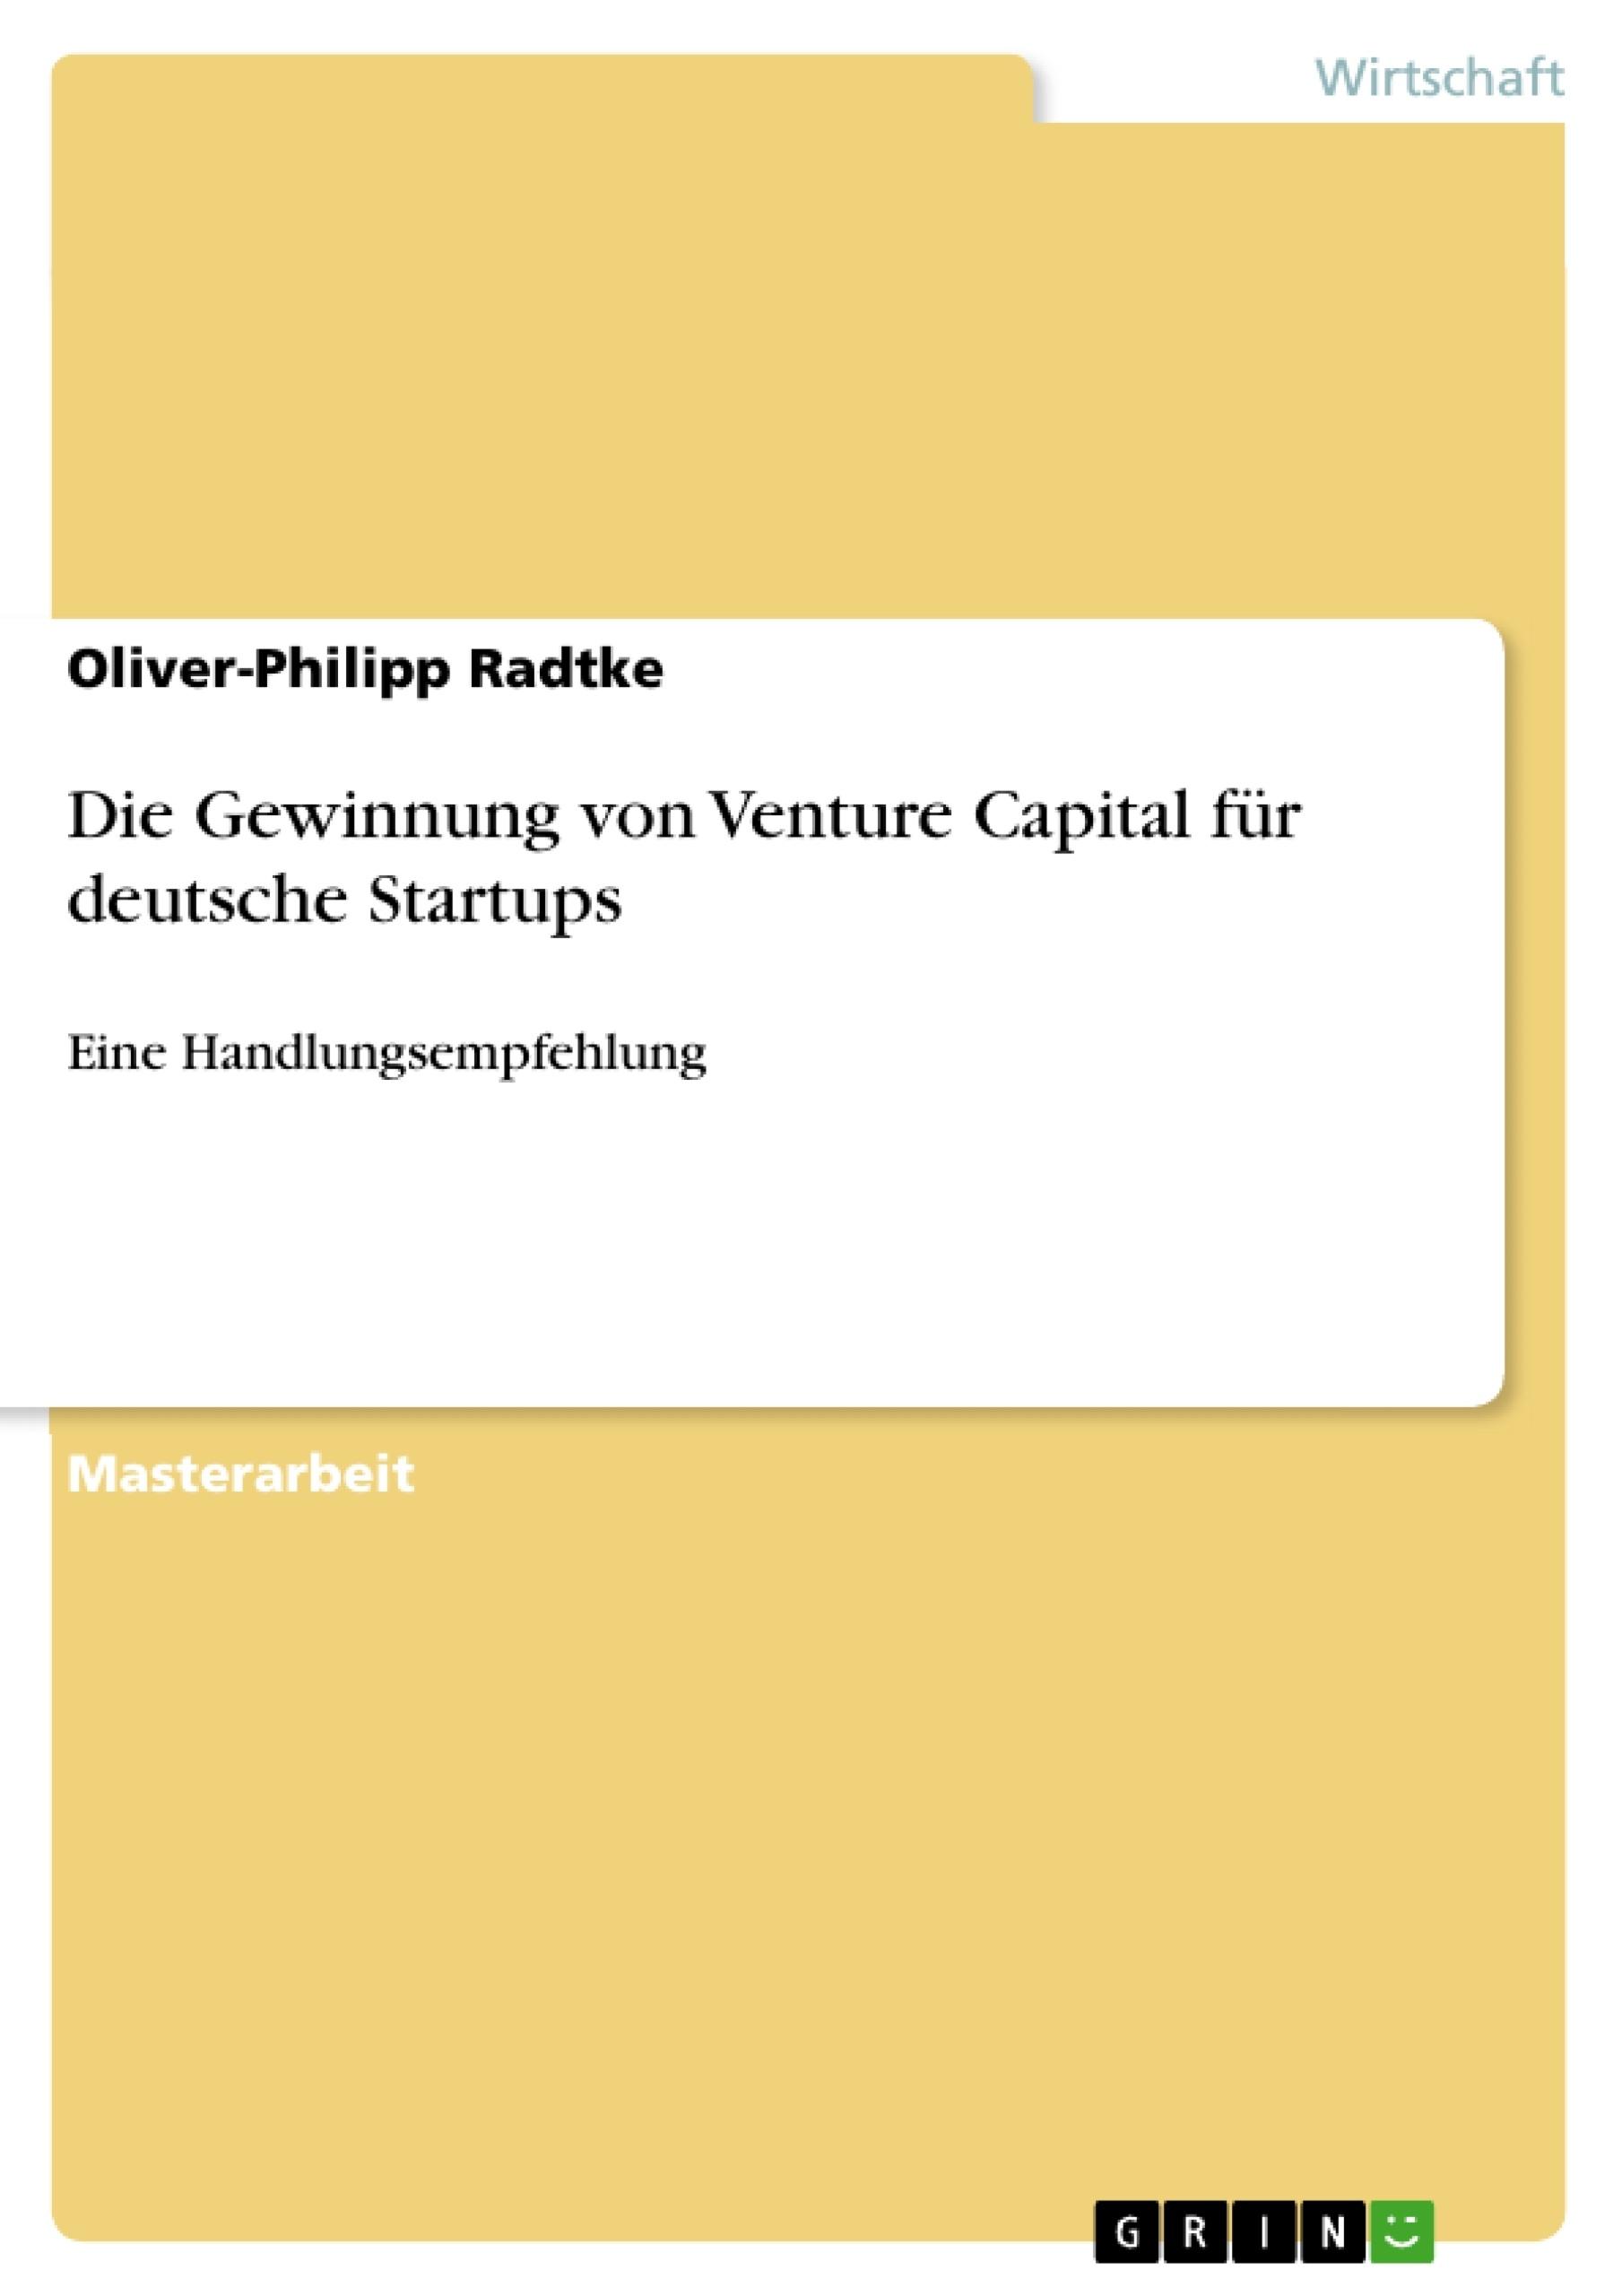 Titel: Die Gewinnung von Venture Capital für deutsche Startups